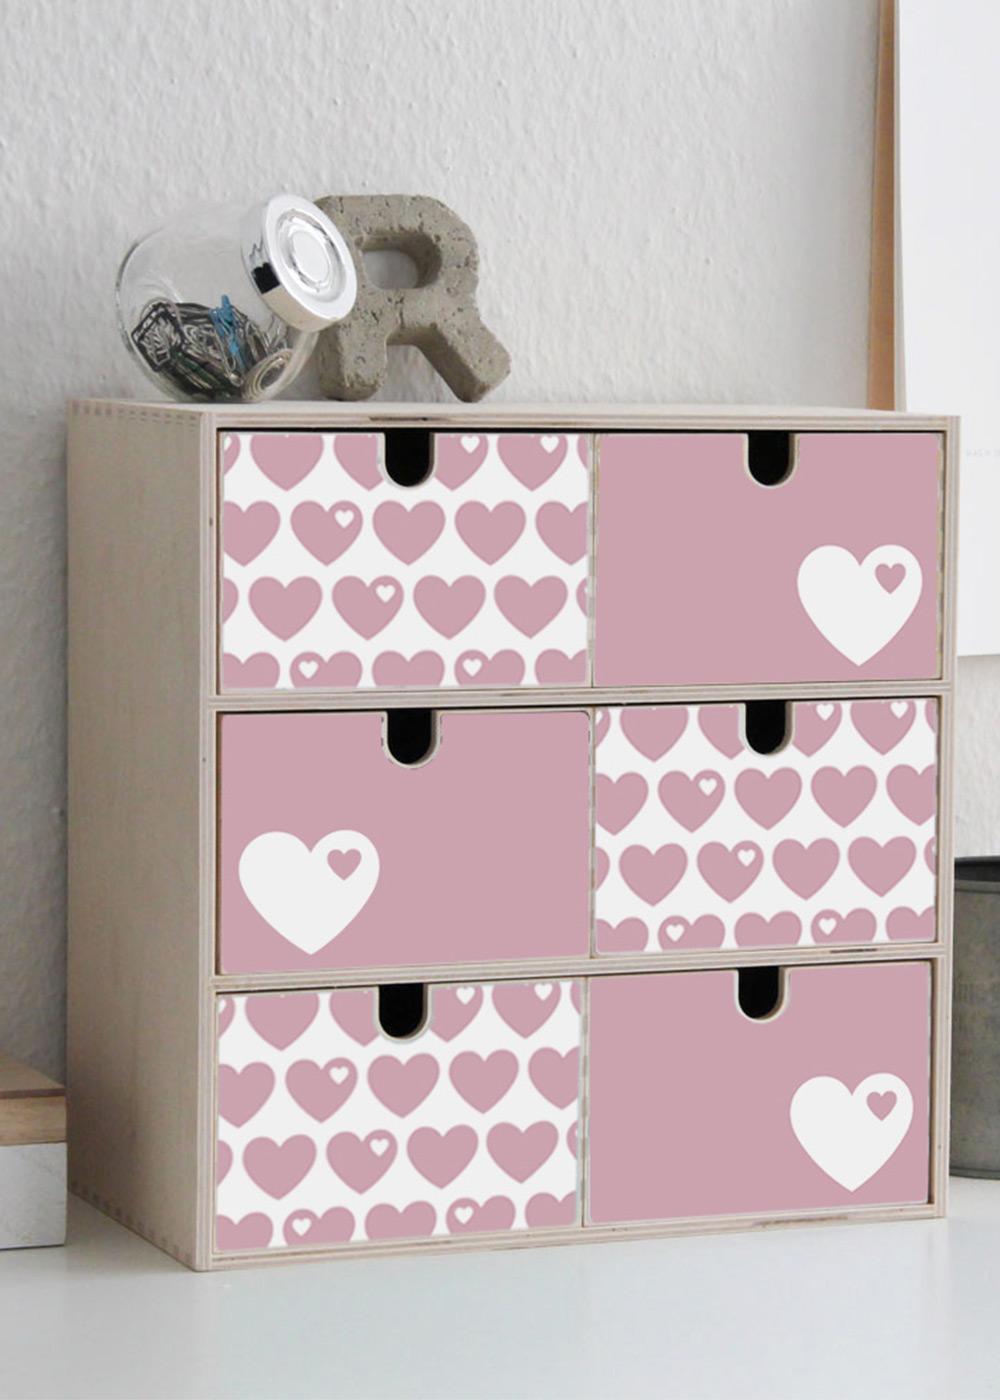 Klebefolie Ikea Moppe ByGraziela Herz rosa Seitenansicht